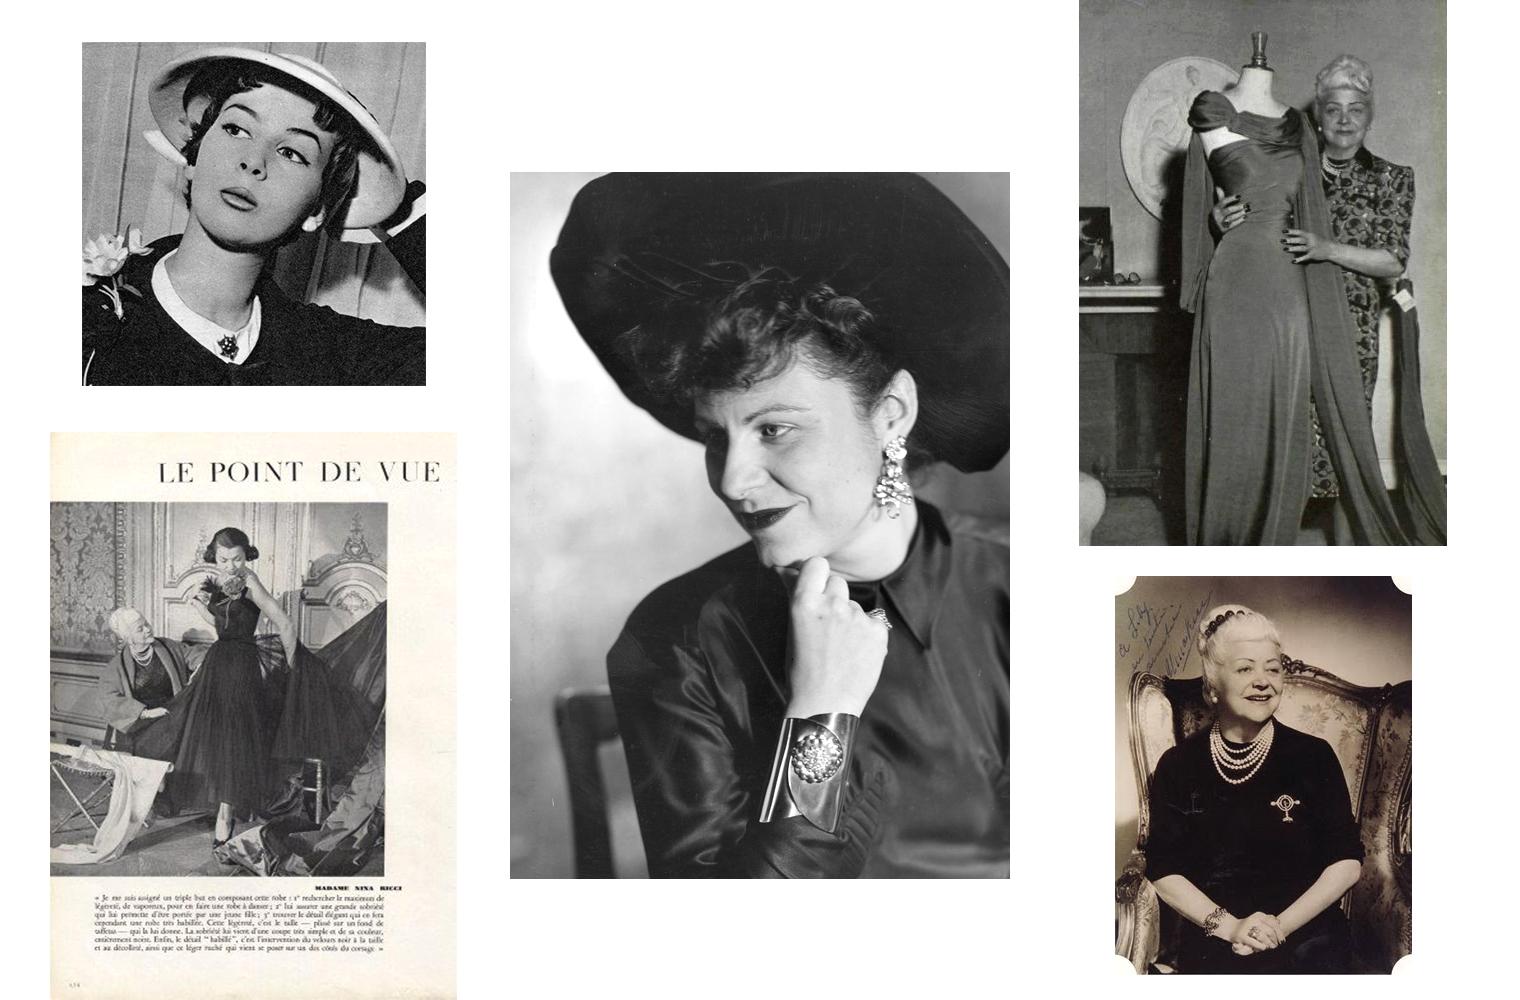 Нина Риччи - модельер и основательница Дома моды Nina Ricci